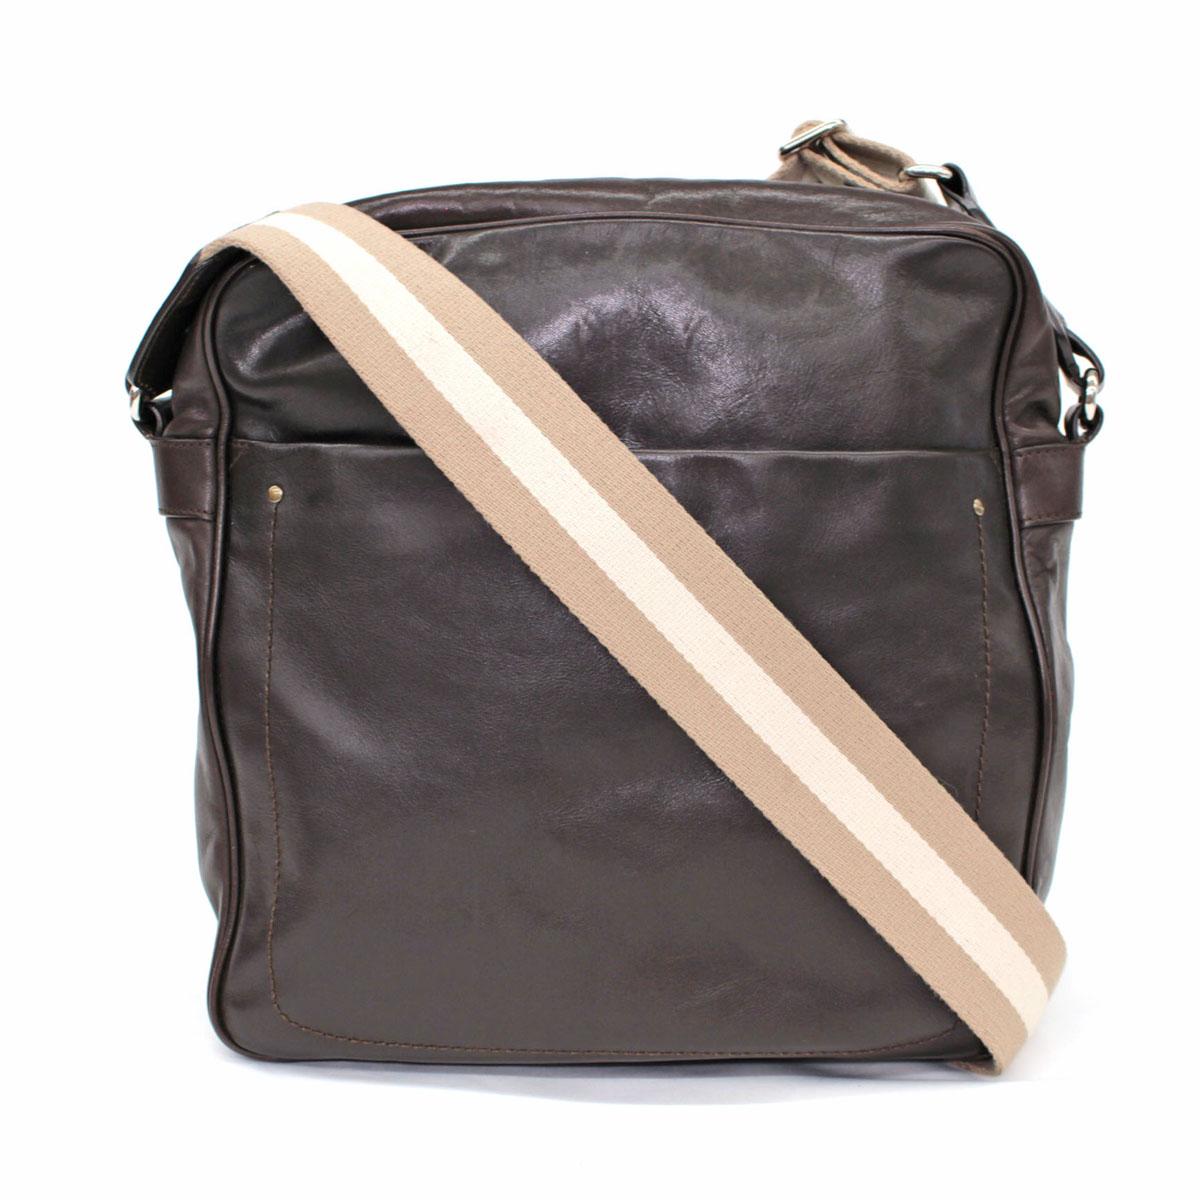 【中古】◆BALLY バリー スイス製 レザー ロングショルダーバッグ◆ ダークブラウン/肩掛け/斜め掛け/メンズ/鞄